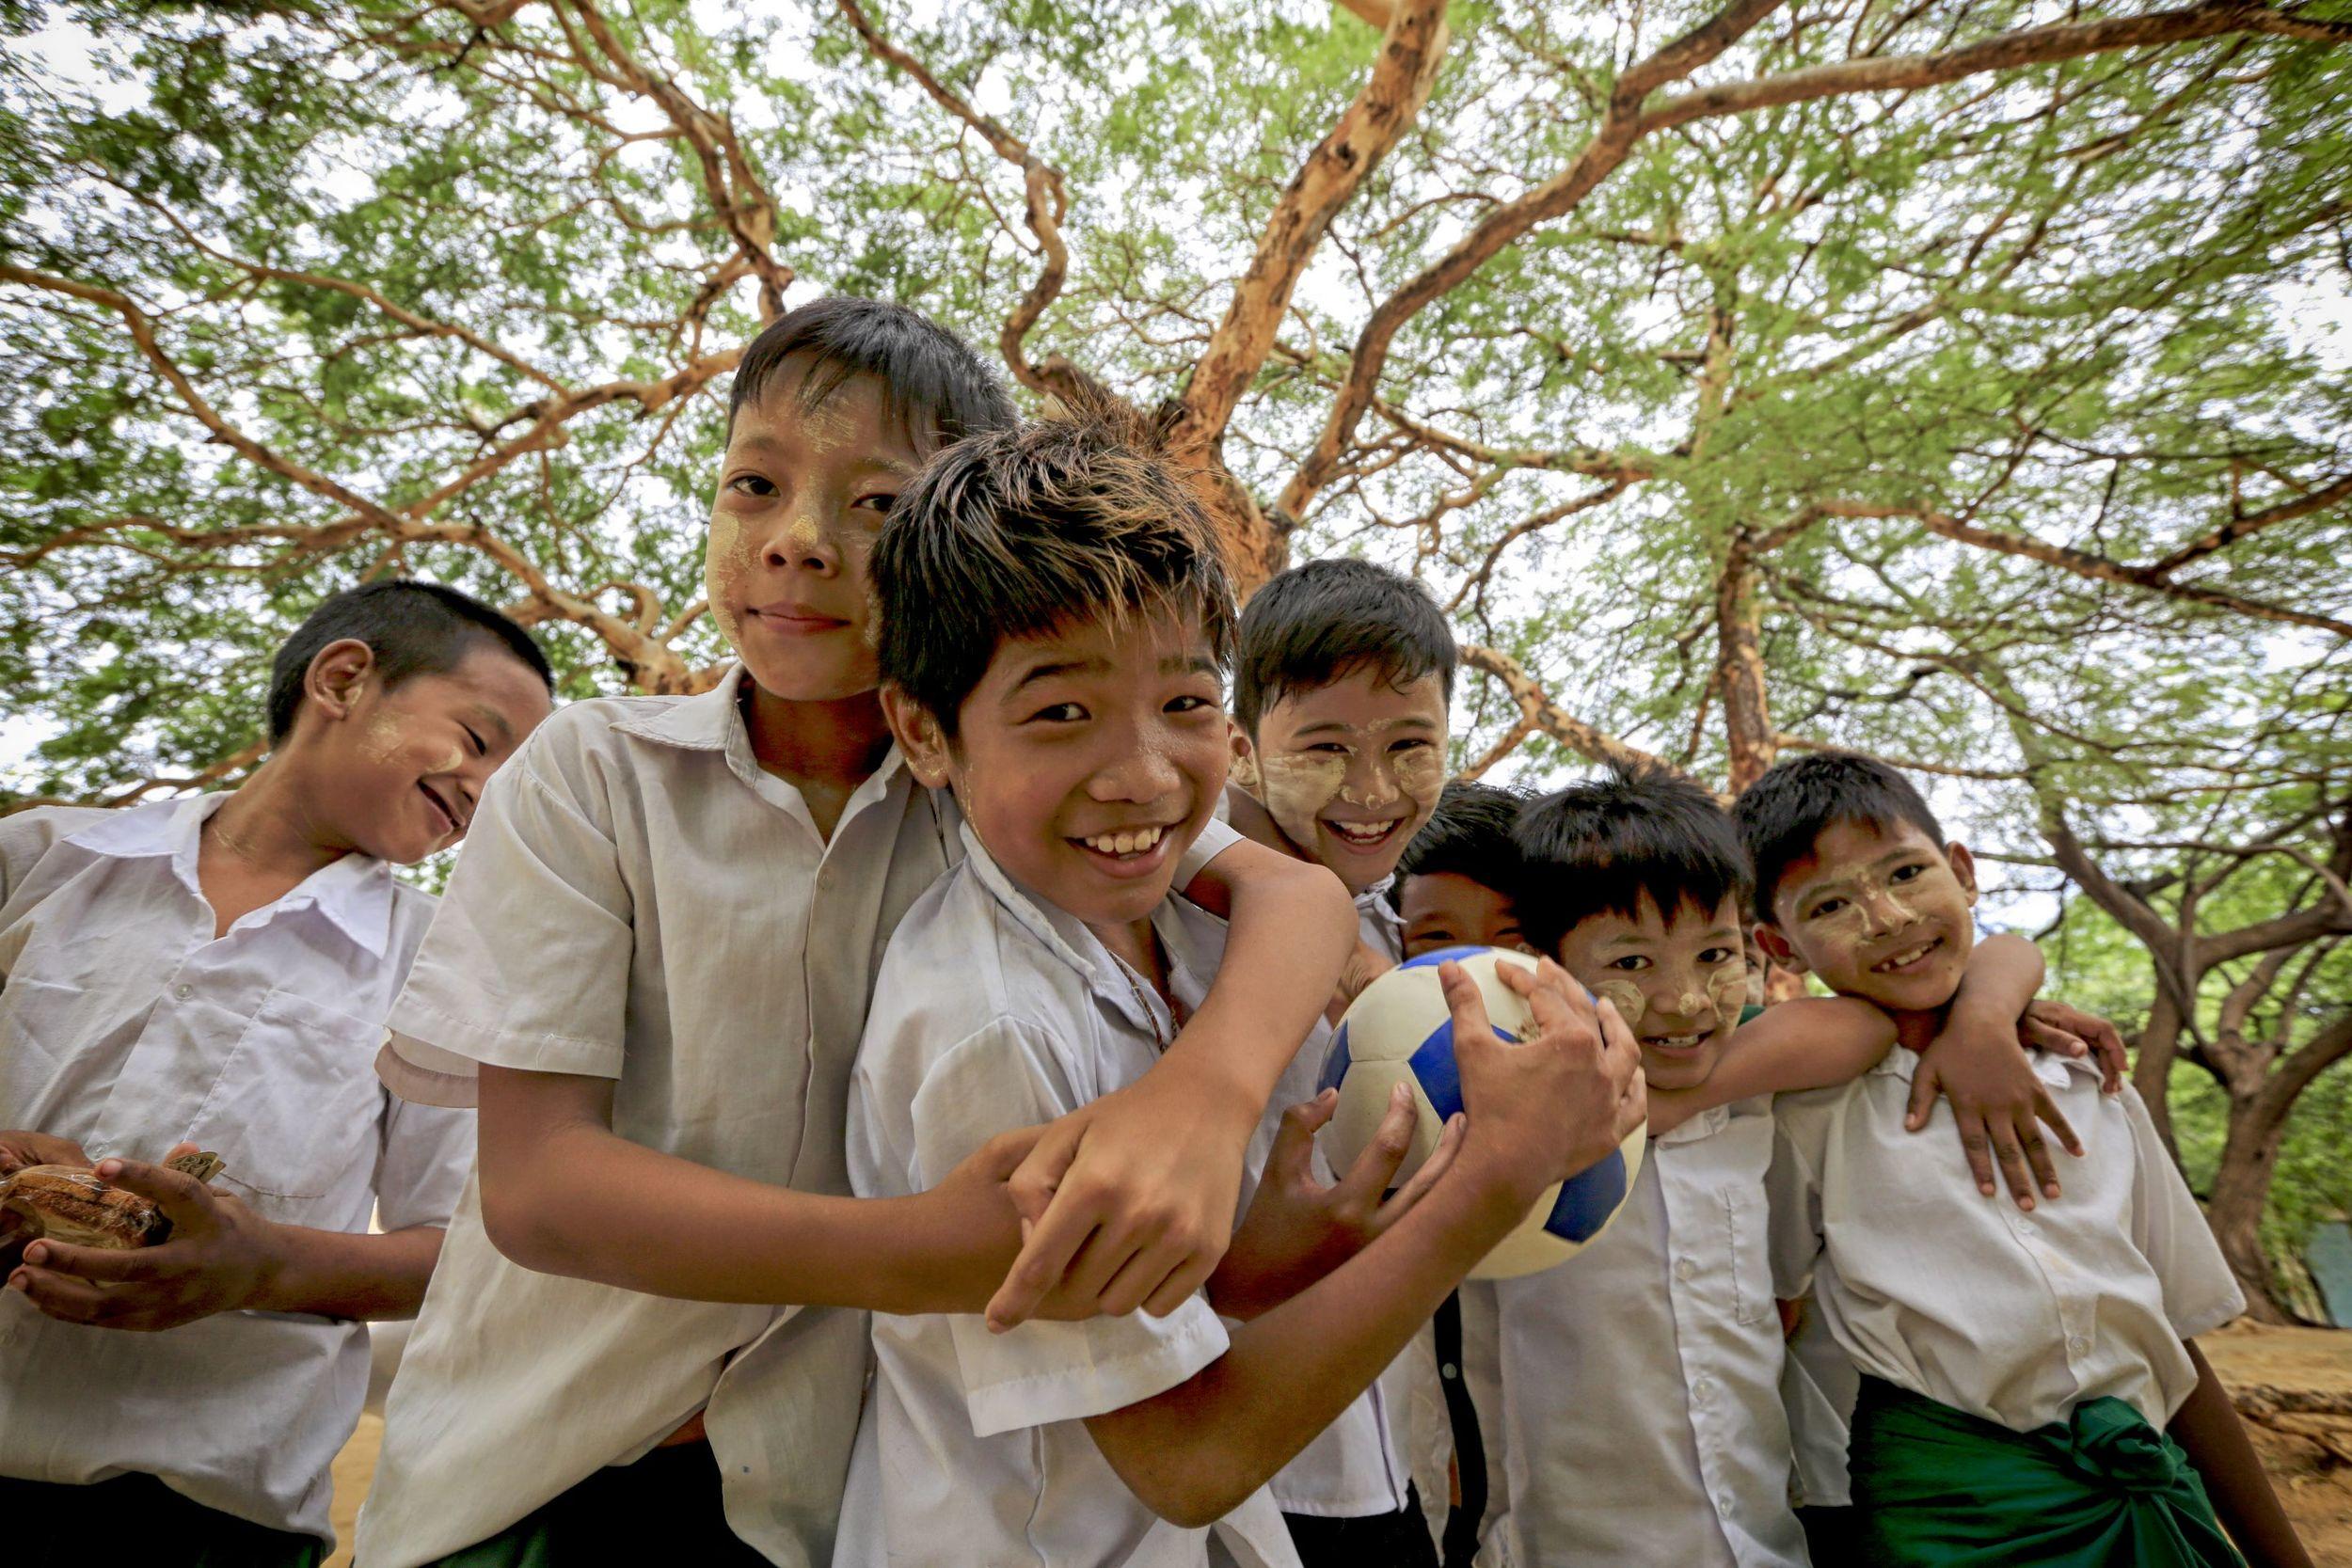 School Children Under Tree Canopy, Myanmar, 2016